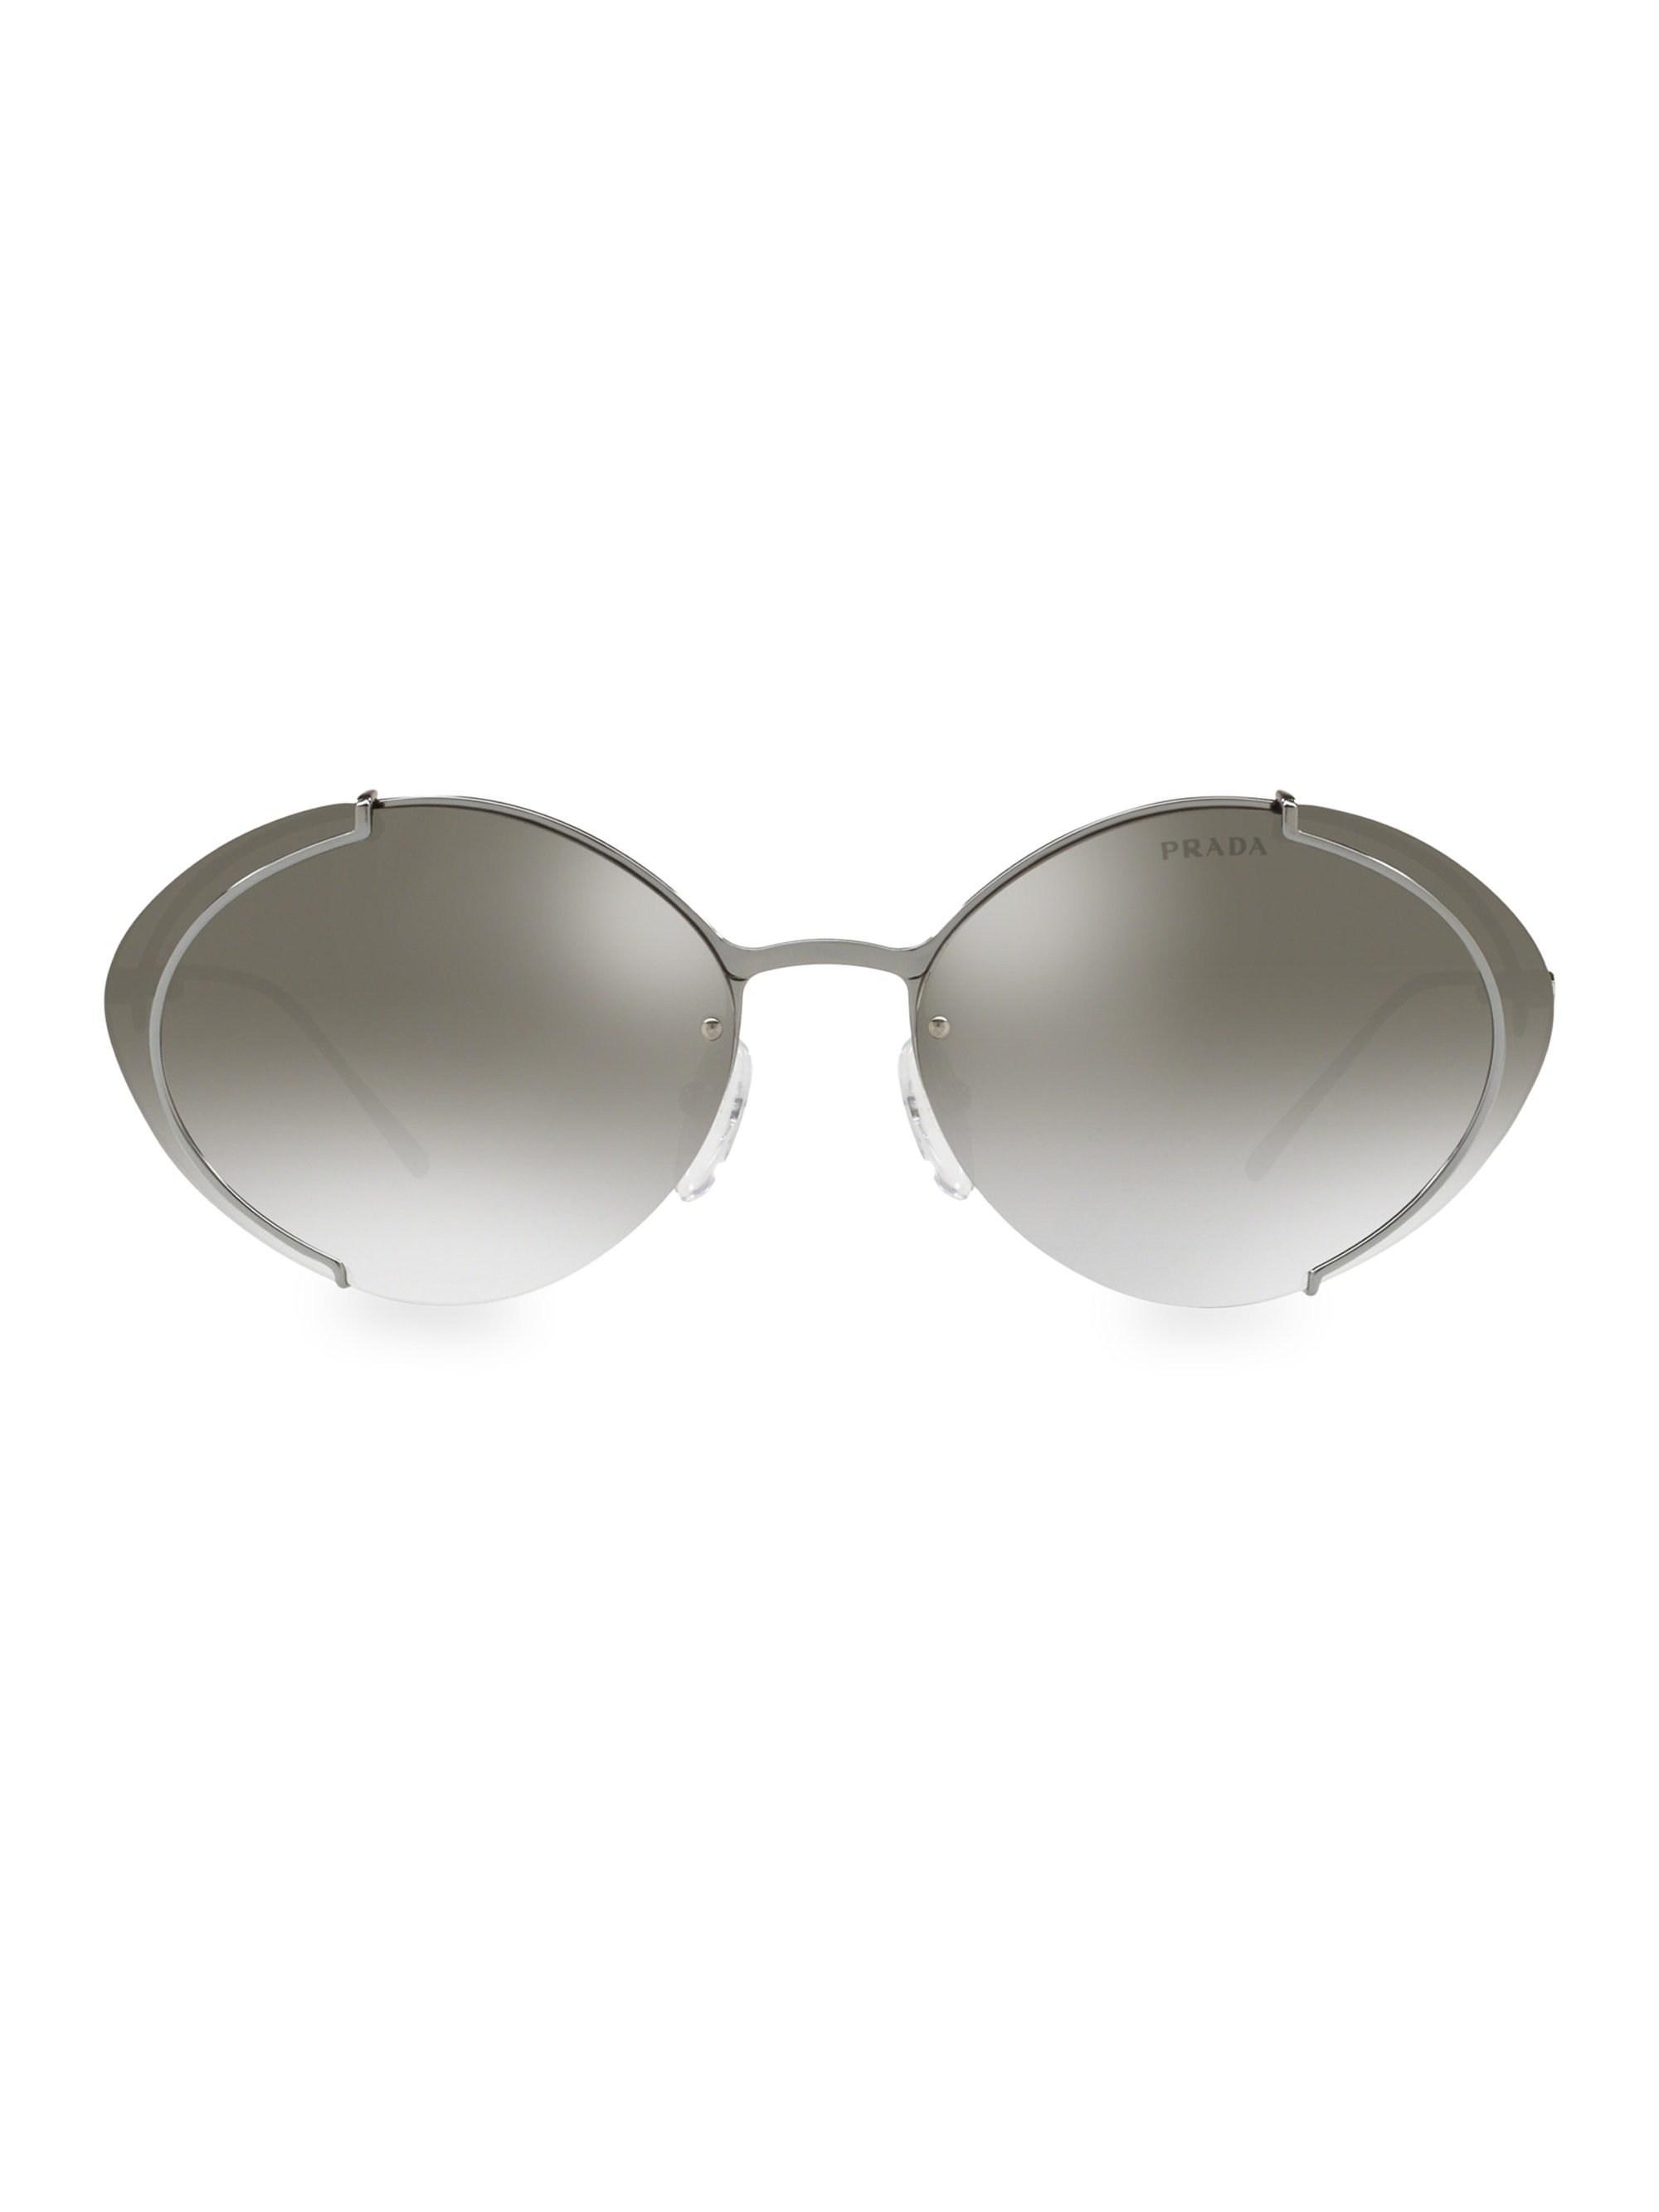 0f093b795d Prada - Gray Gunmetal Oval Sunglasses - Lyst. View fullscreen